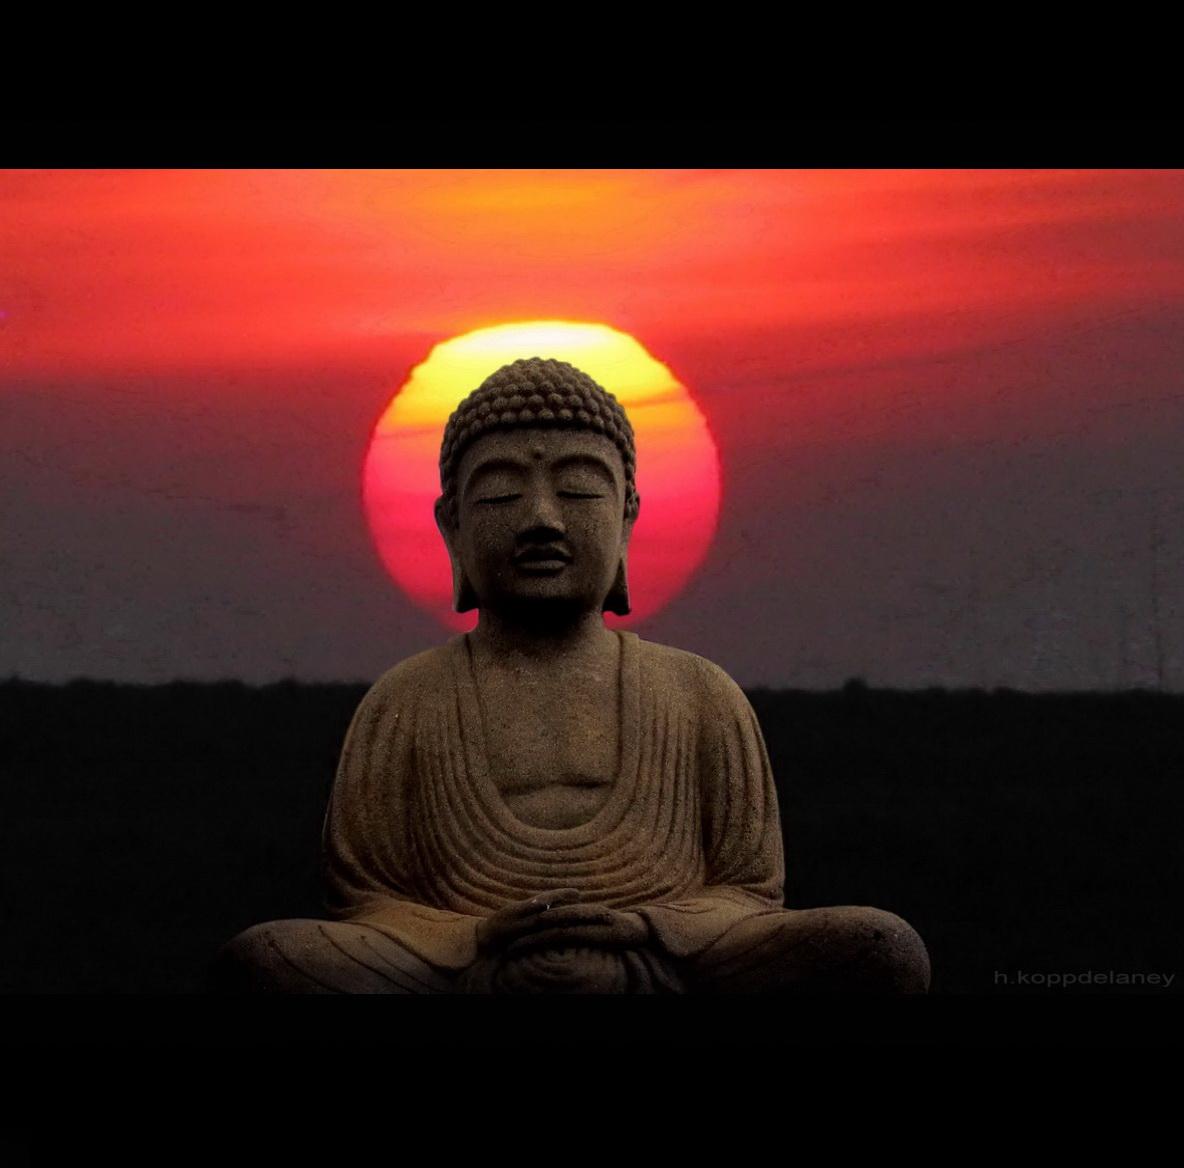 ® flickr / h.koppdelaney - Budda untergehende Sonne